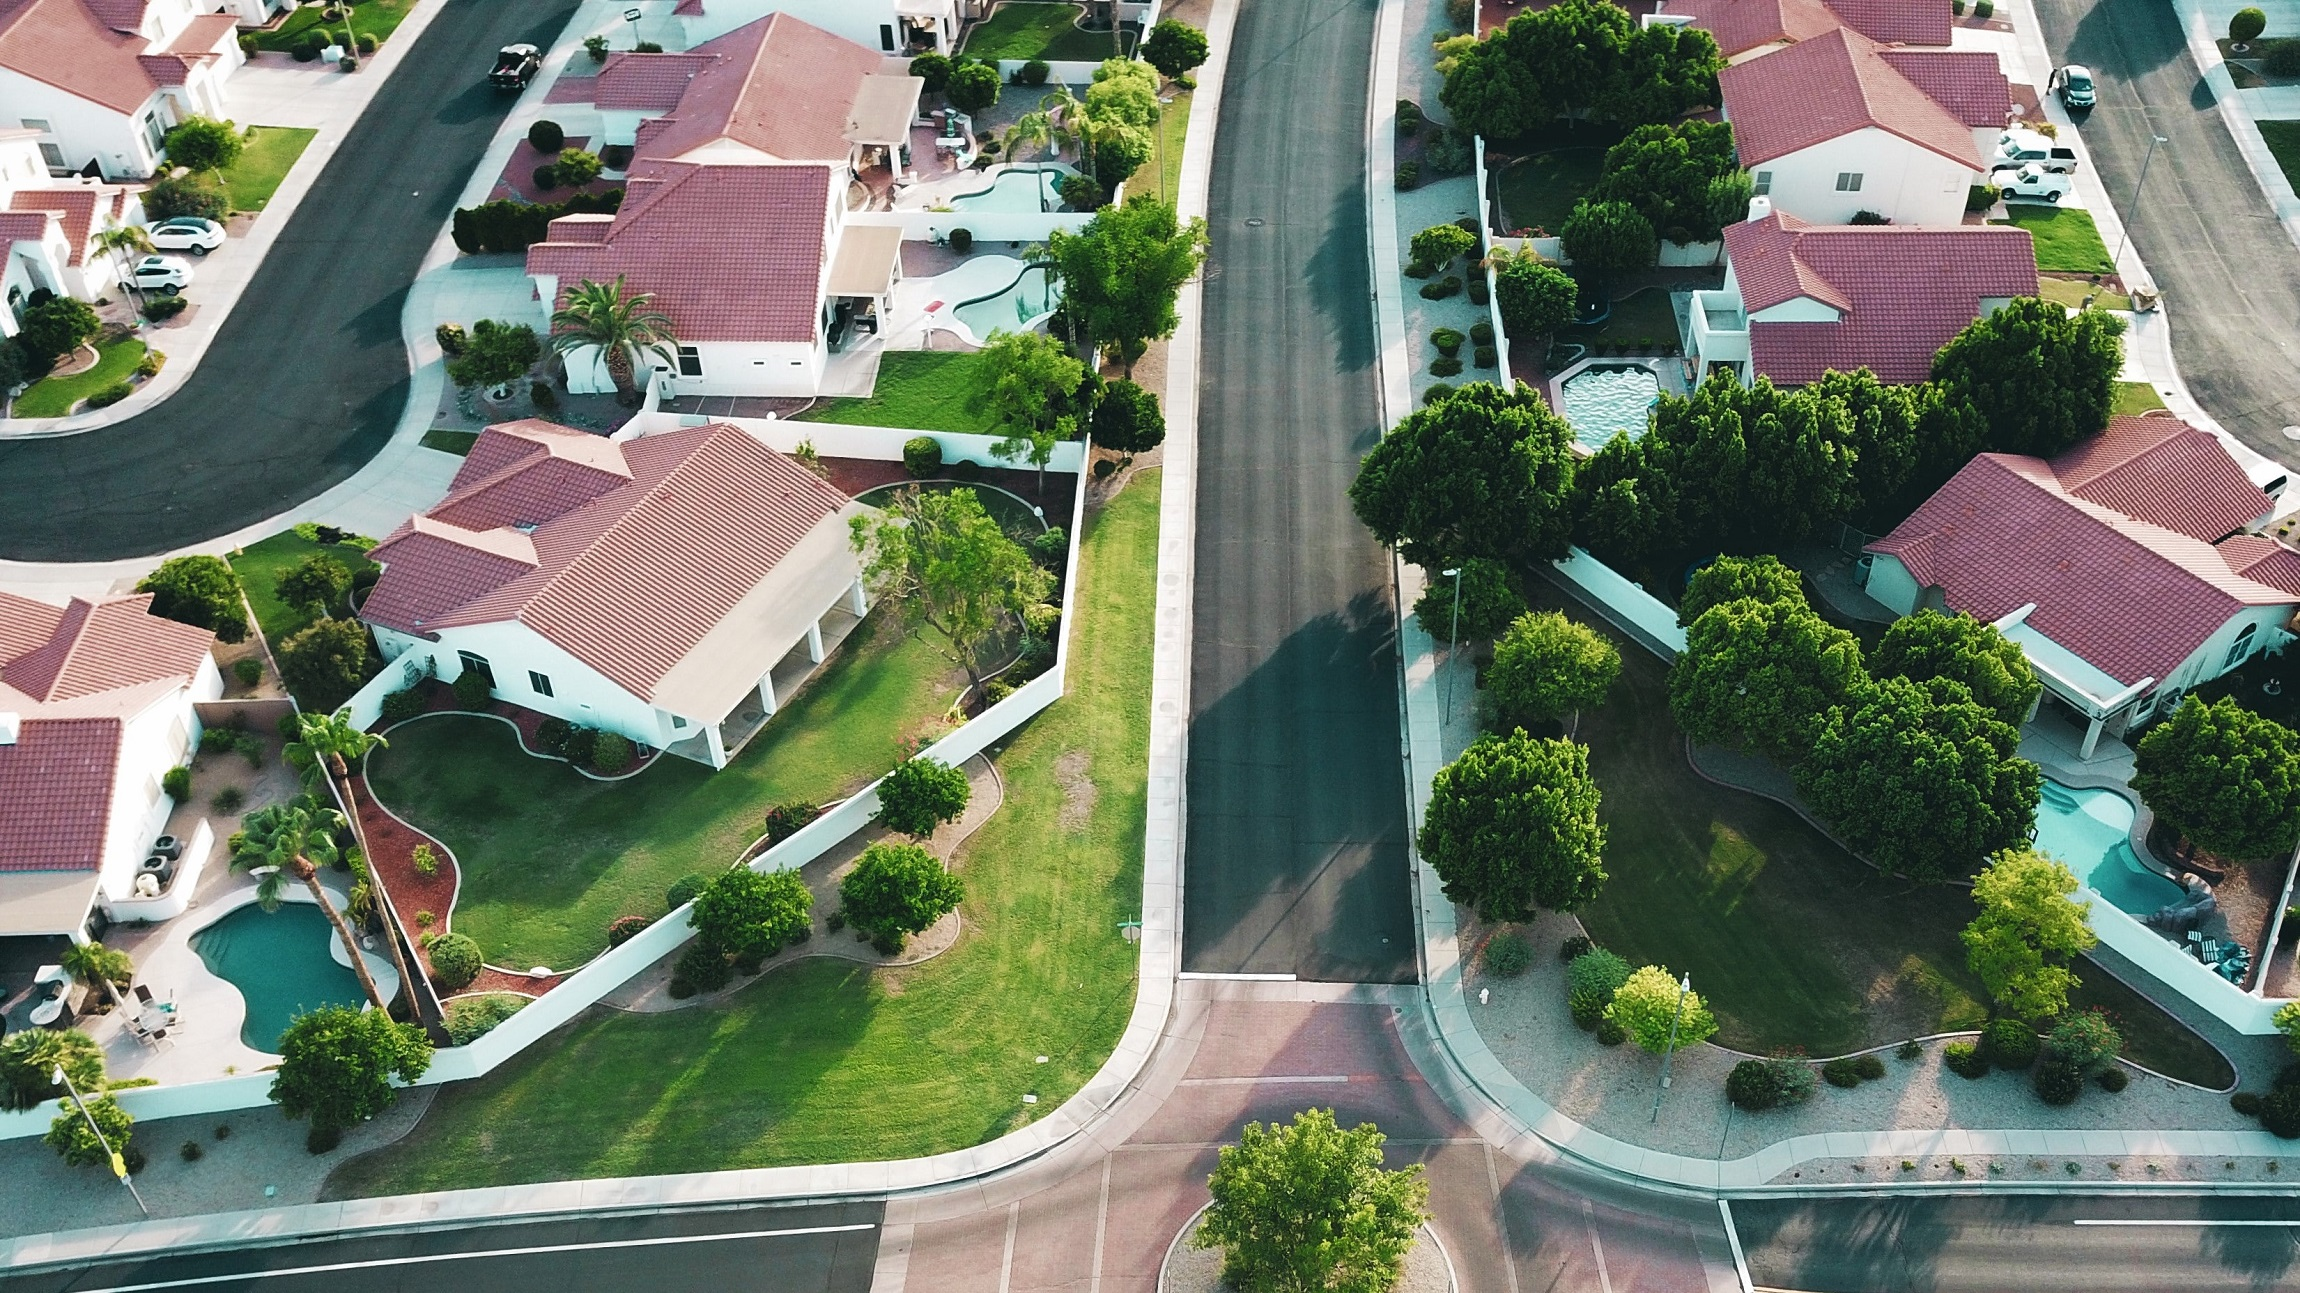 Broadband Service Provider Solutions